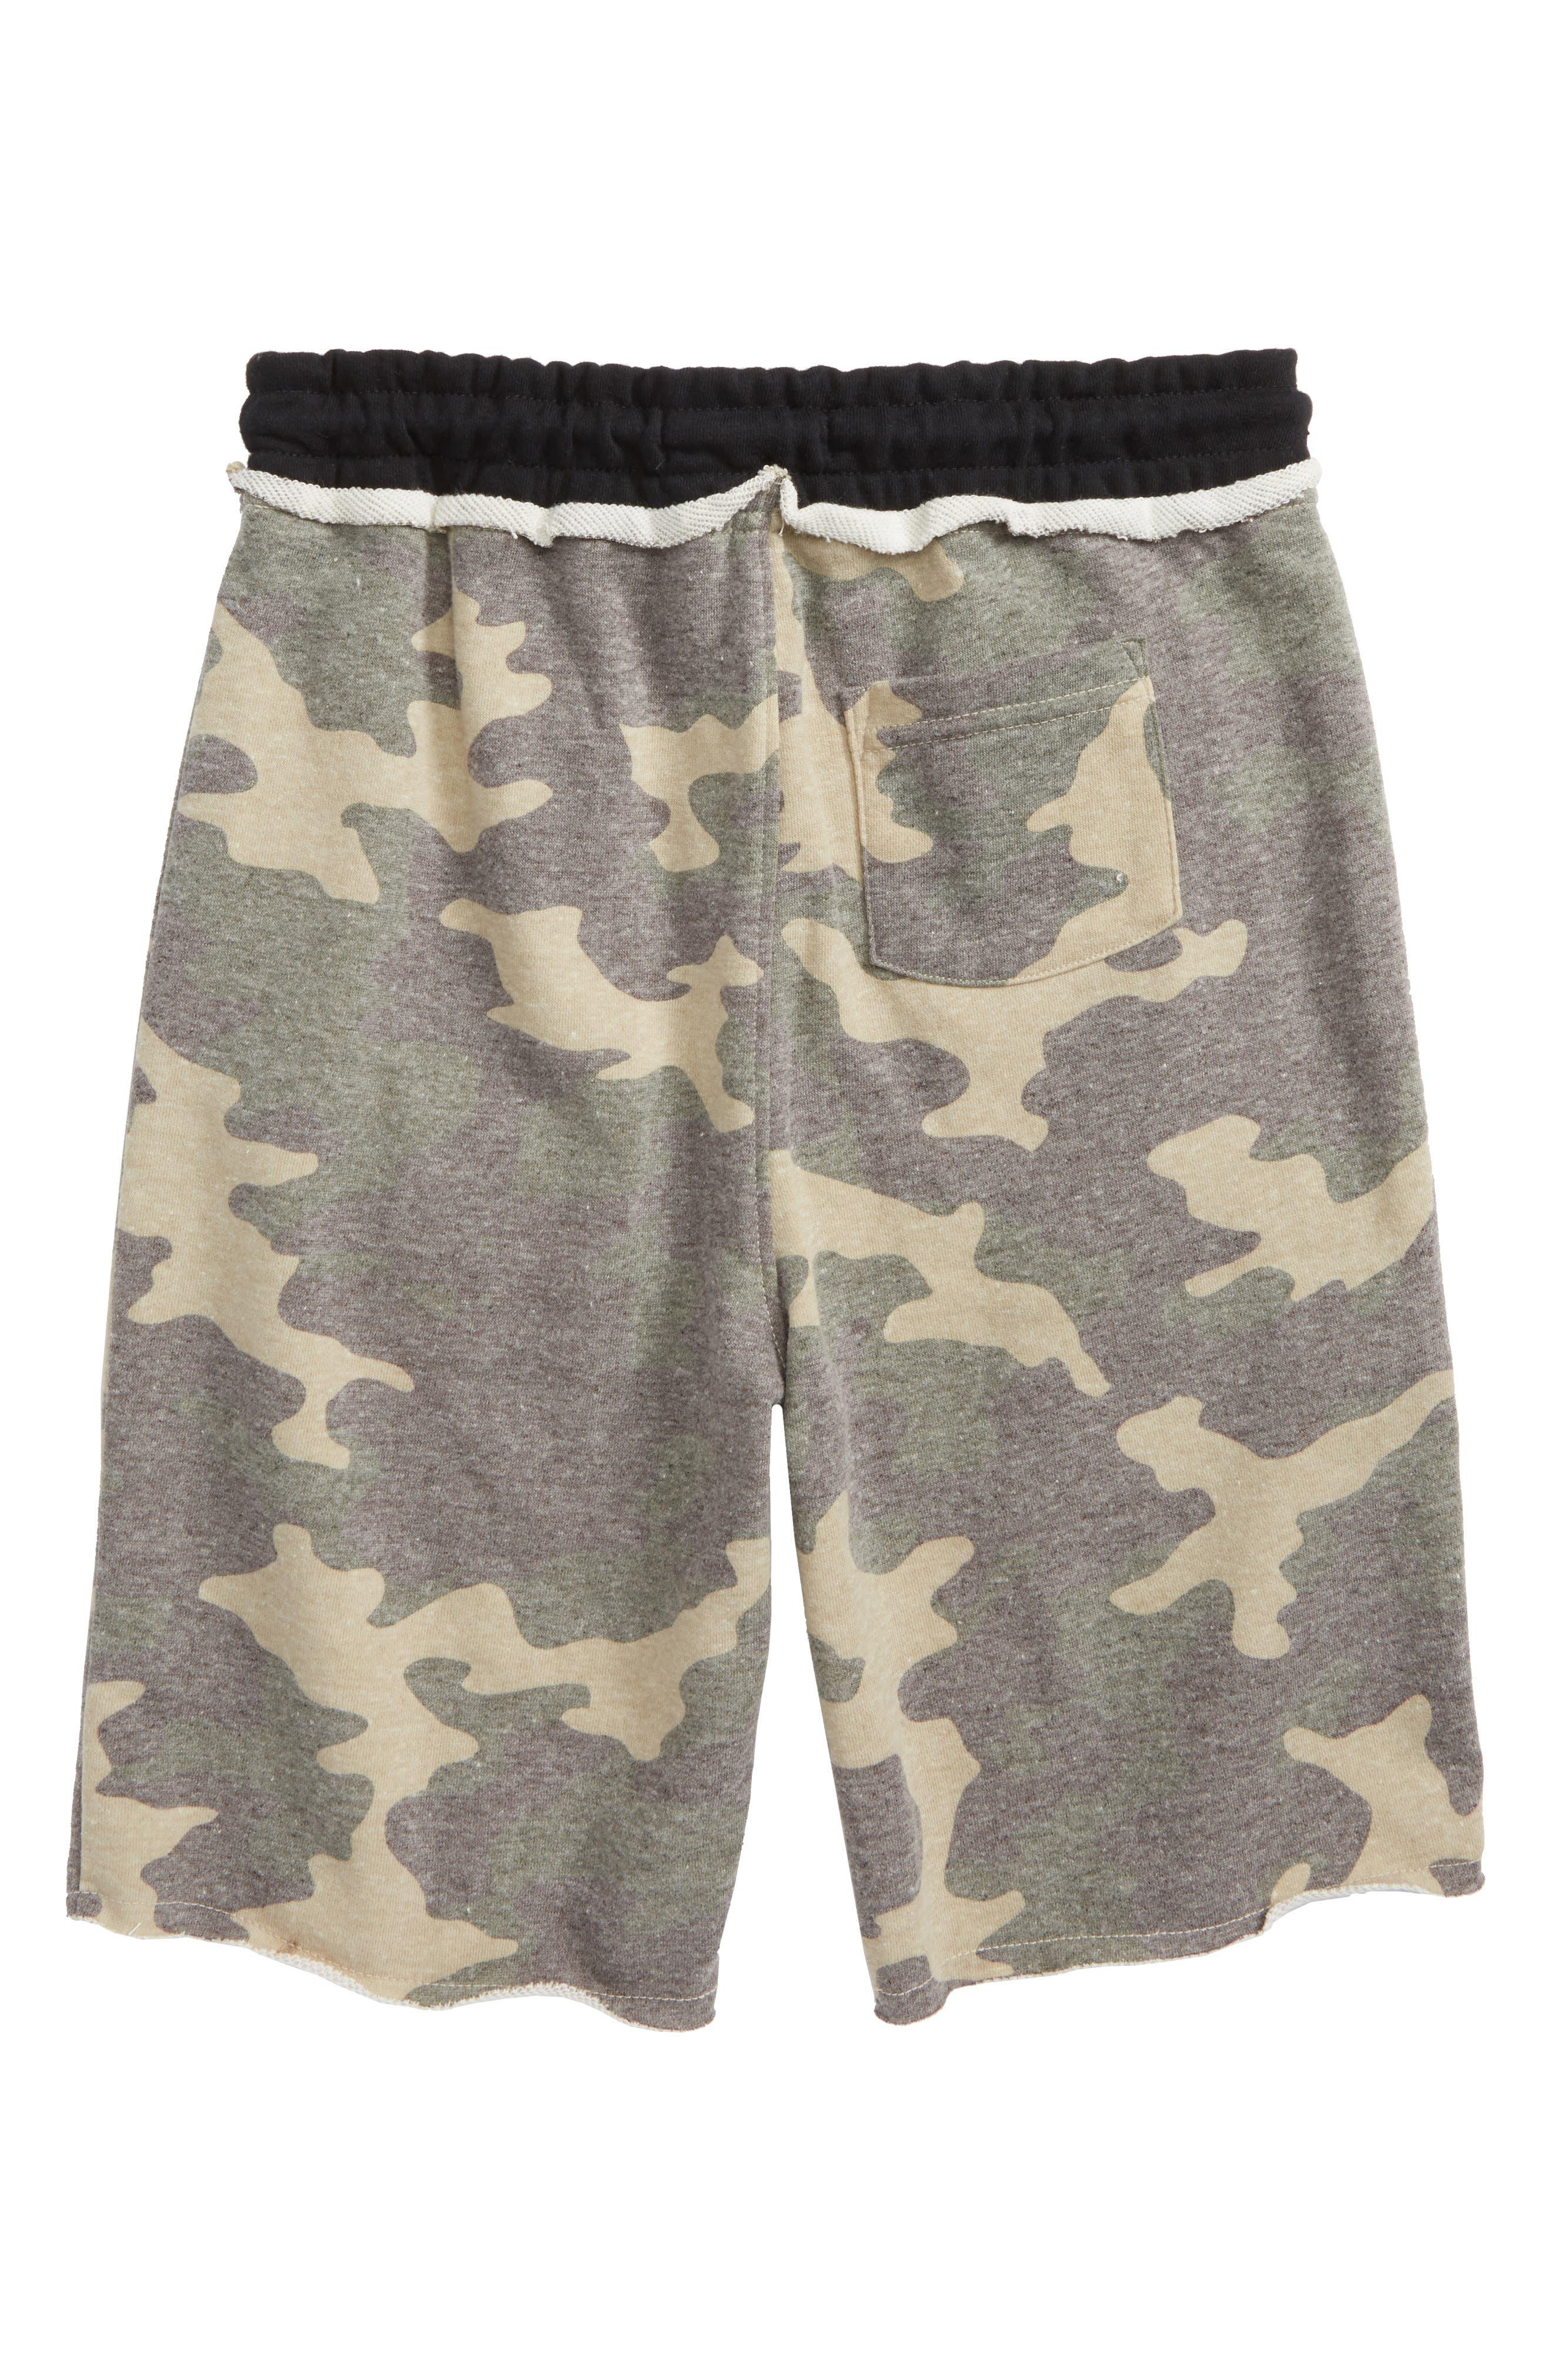 Raw Edge Shorts,                             Alternate thumbnail 2, color,                             250